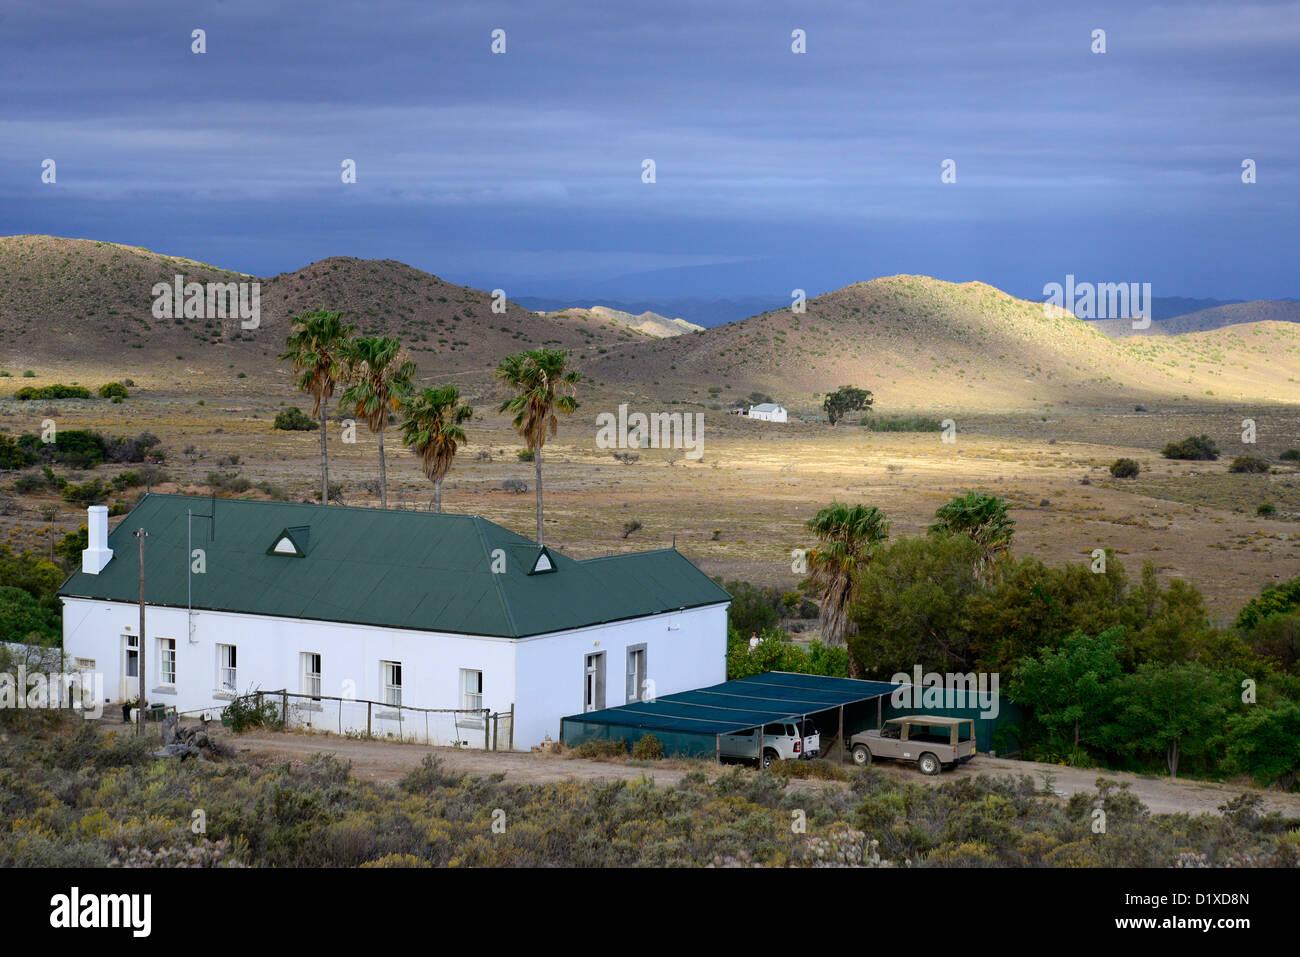 Karoo-Altbau in der Nähe von Warmwaterberg in der kleinen Karoo, Western Cape-Südafrika Stockbild